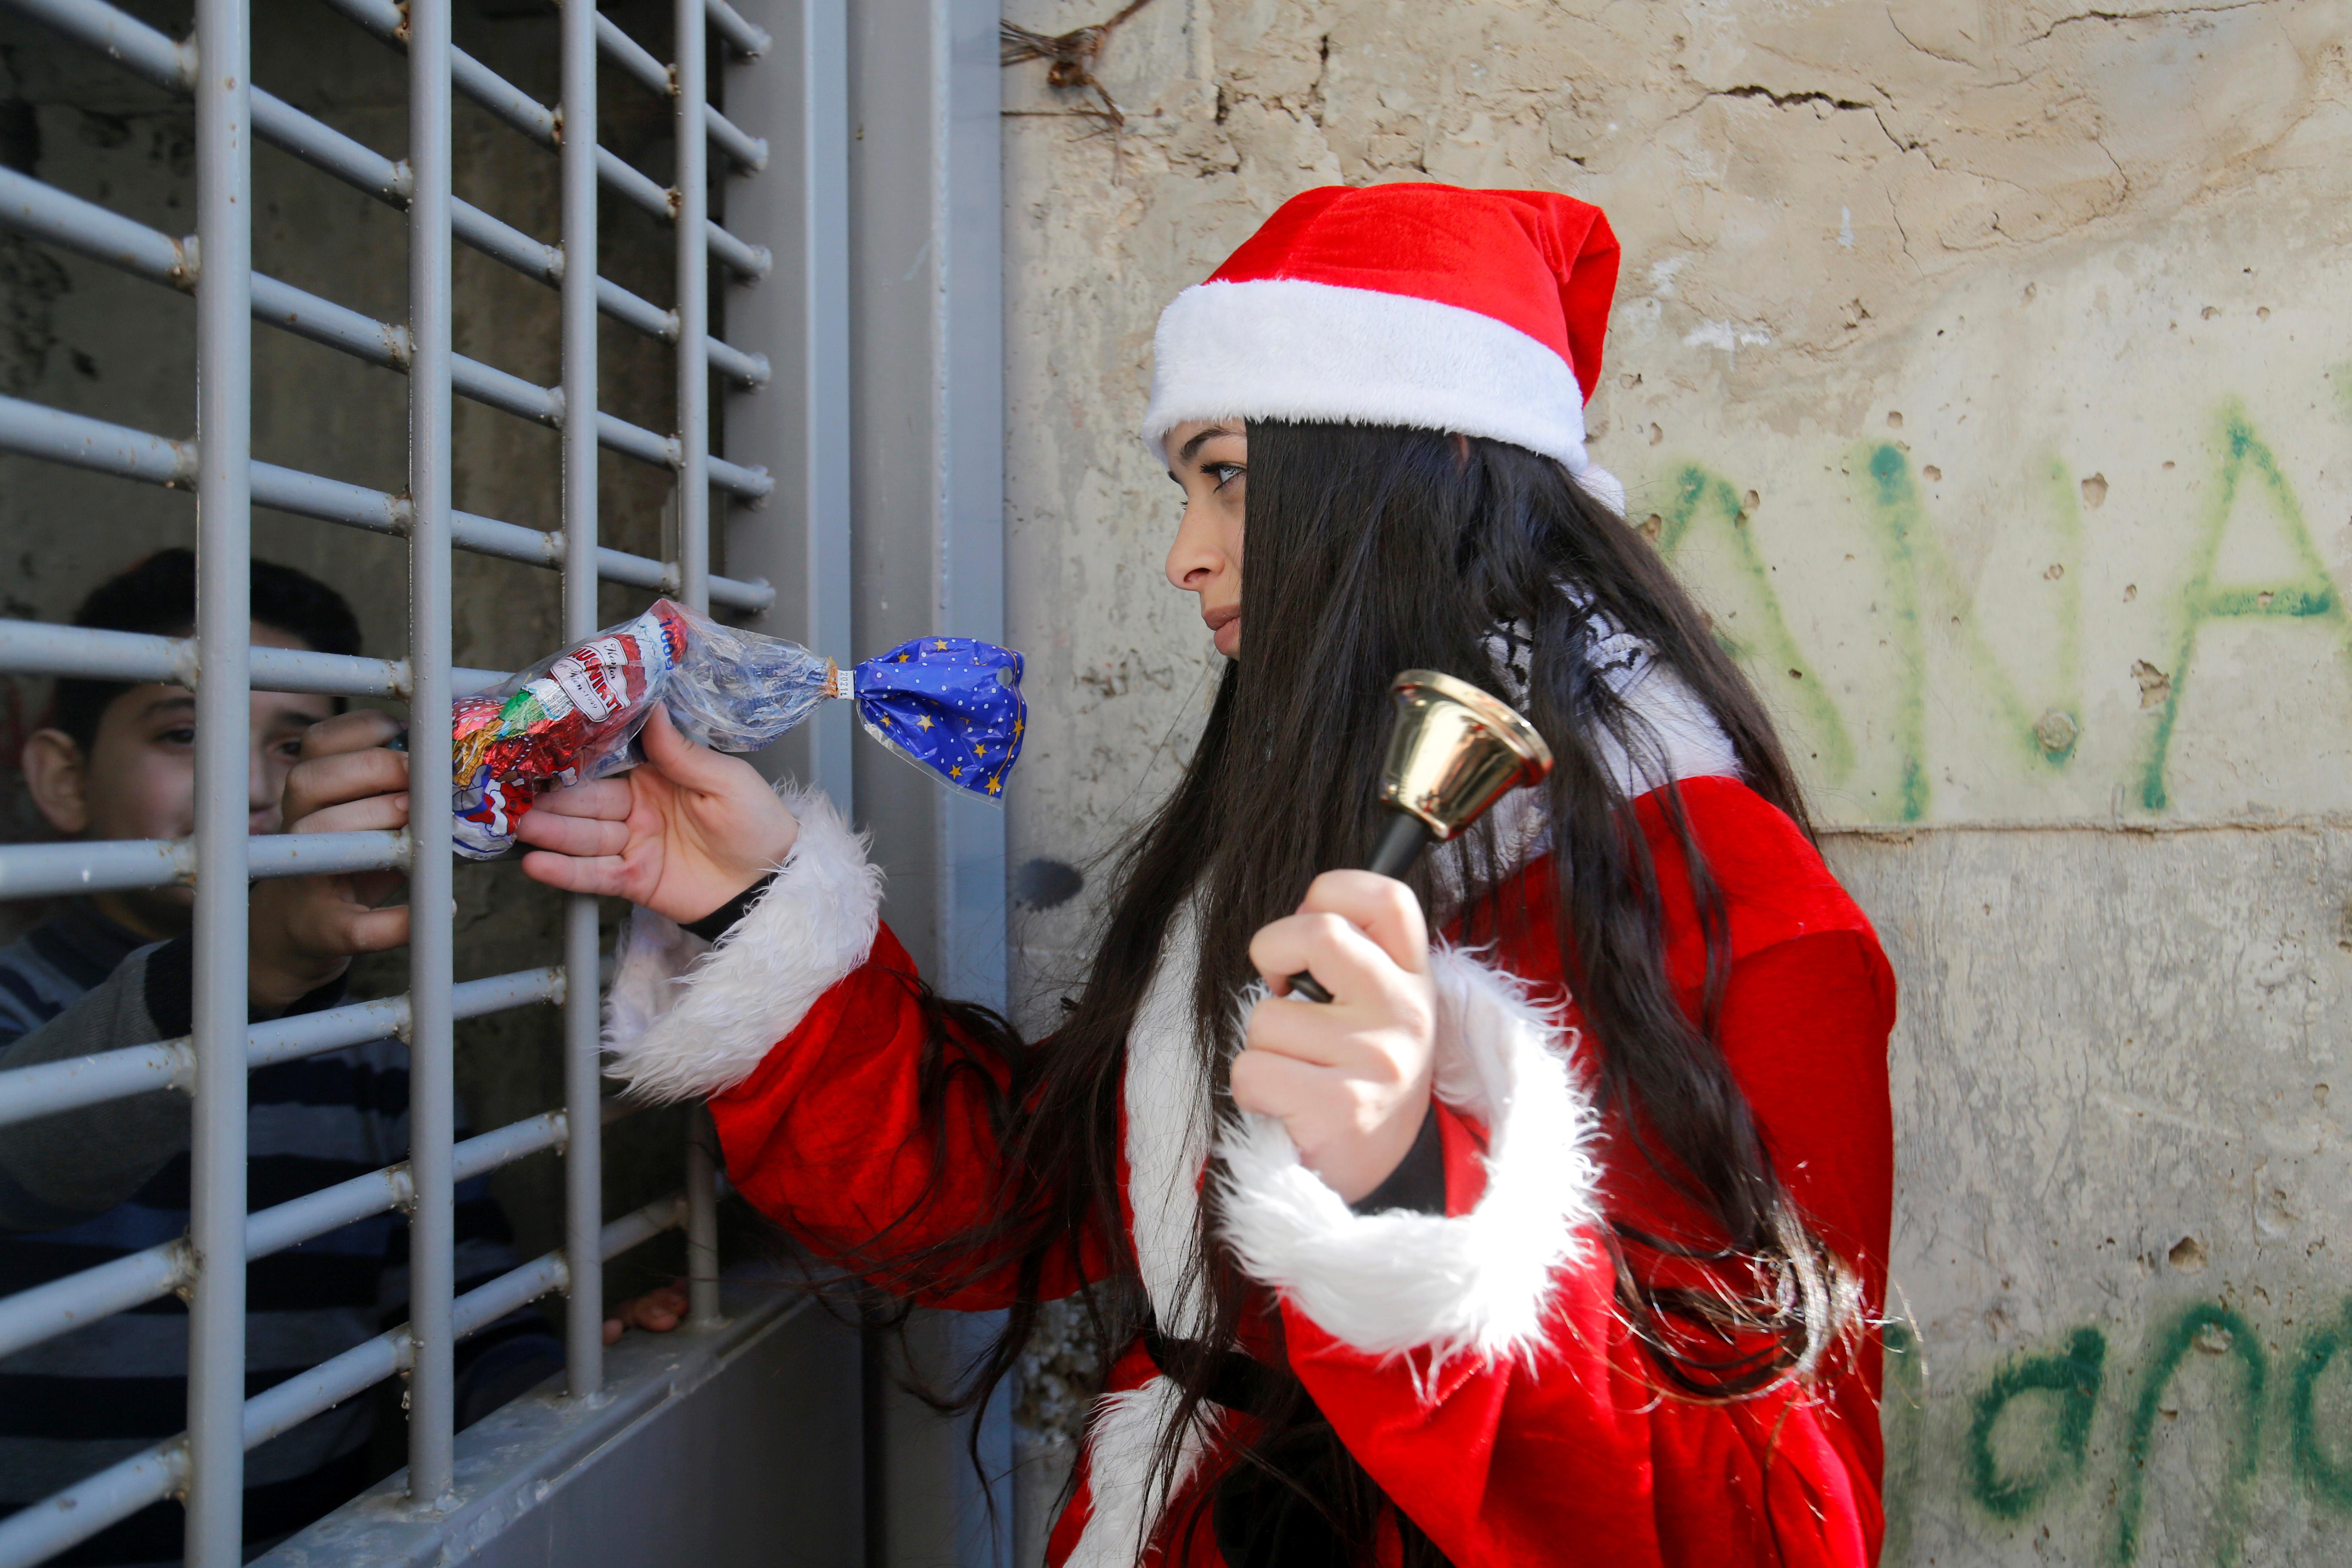 Una mujer vestida como Santa Claus le da un regalo a un niño palestino que vive al otro lado de la barrera israelí que separa Jerusalén de Cisjordania, durante una protesta contra Israel cerca de Belén el 23 de diciembre de 2019 (Reuters/ Mussa Qawasma)